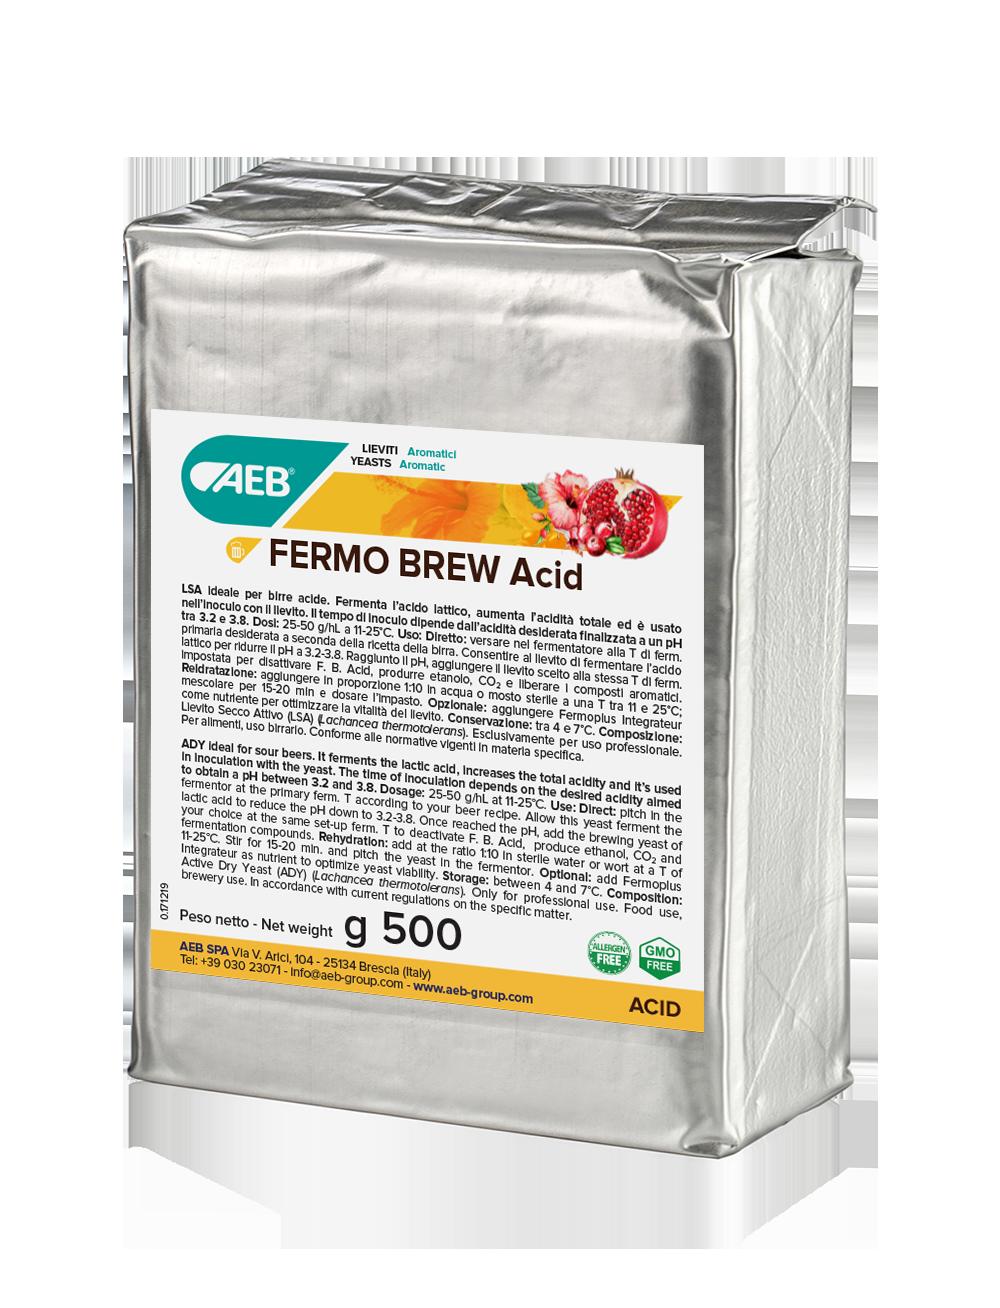 FERMO Brew Acid